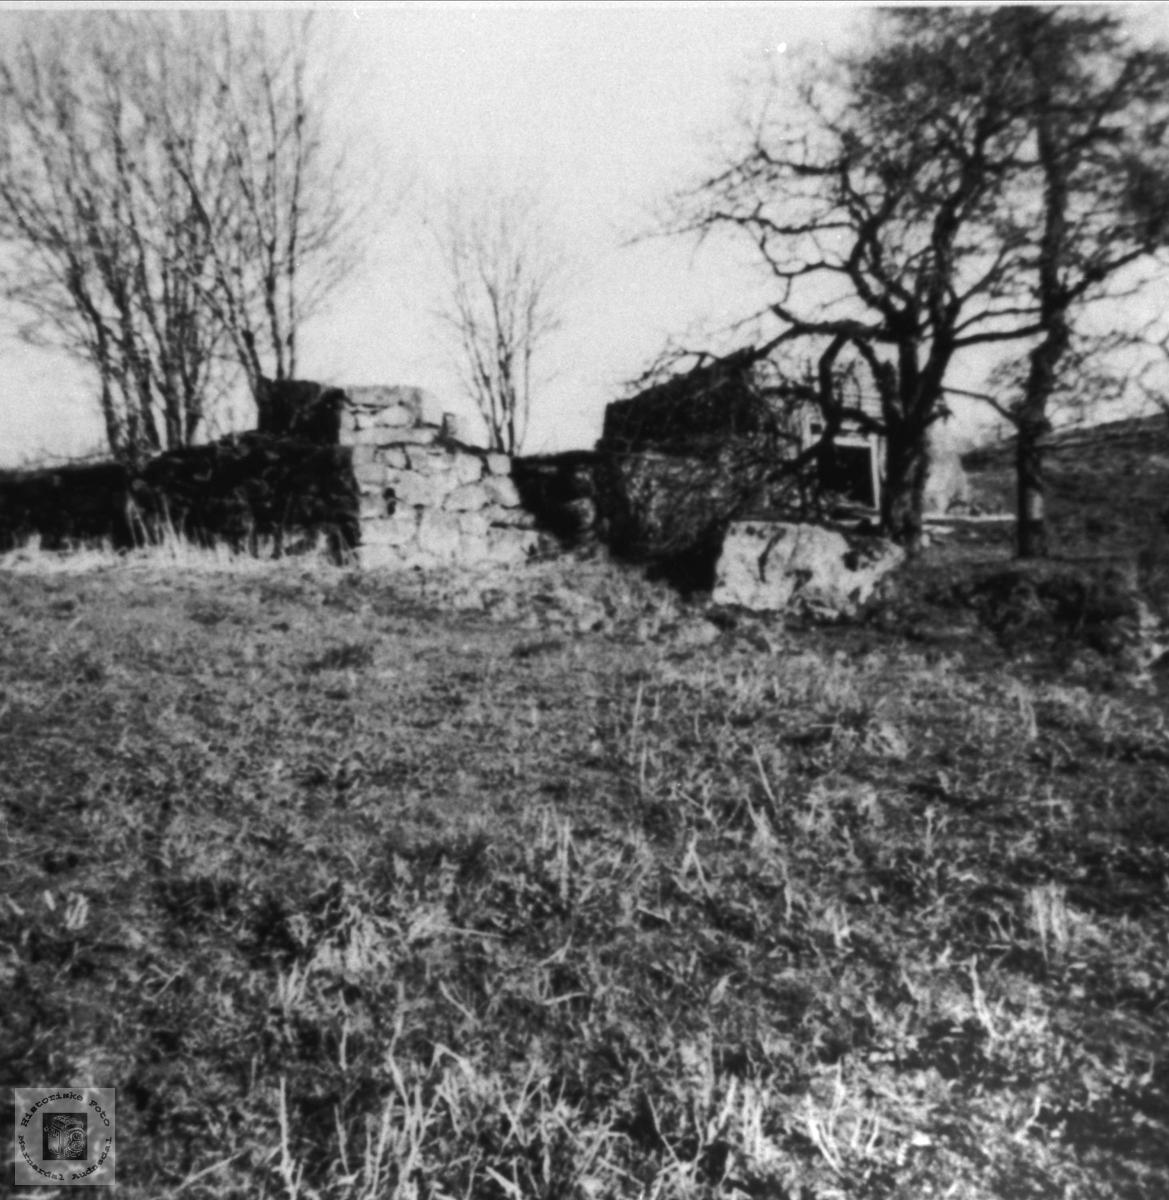 Ruiner på Fladåsen, Finsdal skog